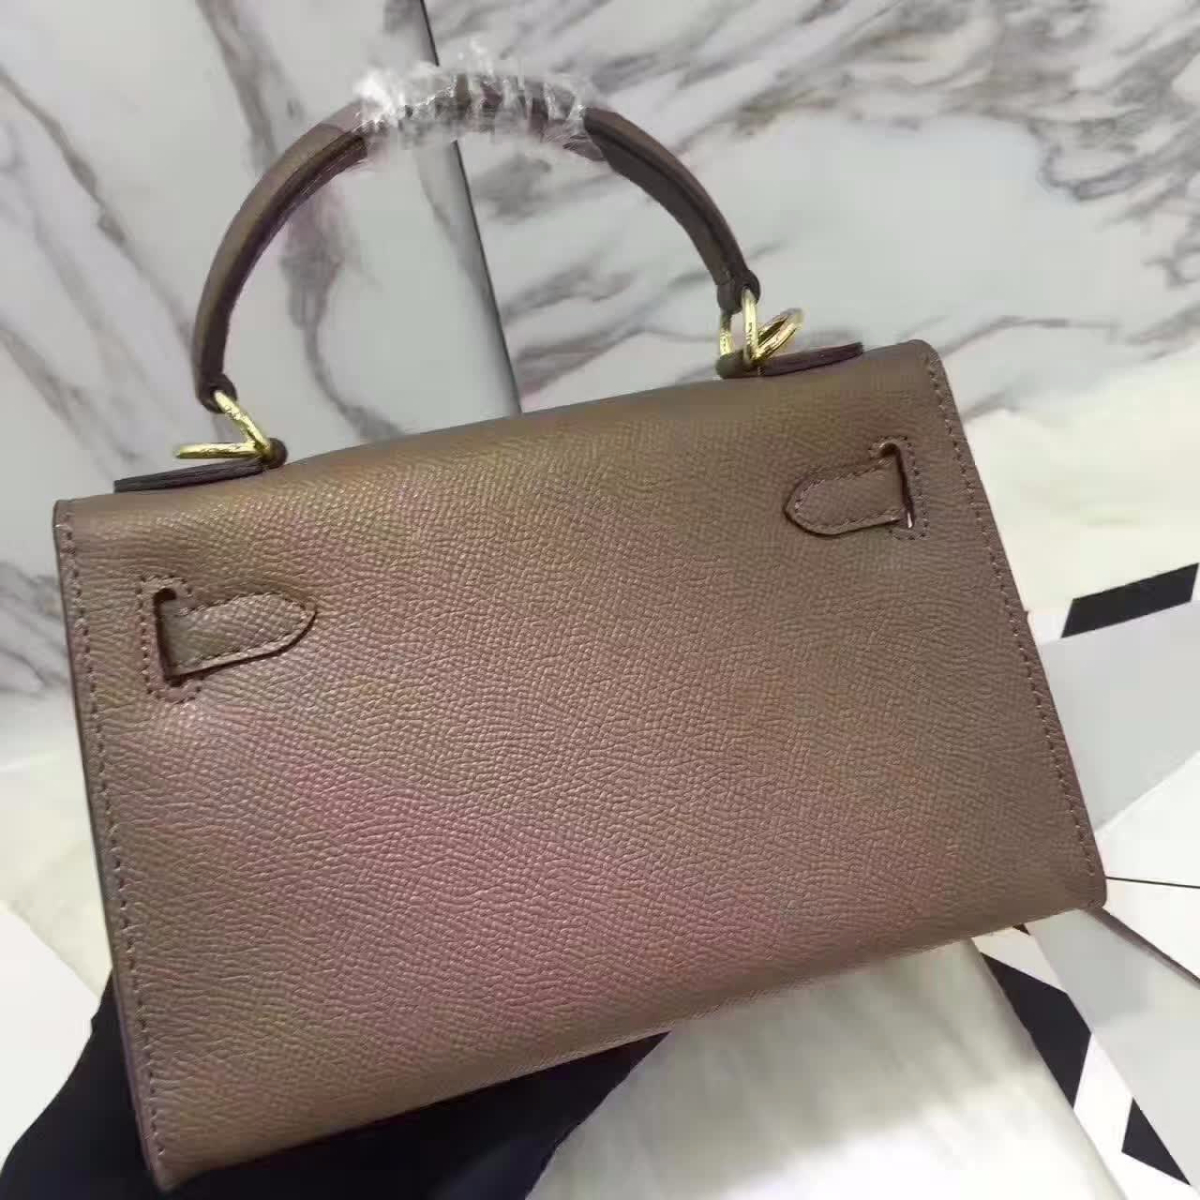 Hermes Mini Kelly Bag hhem591_1